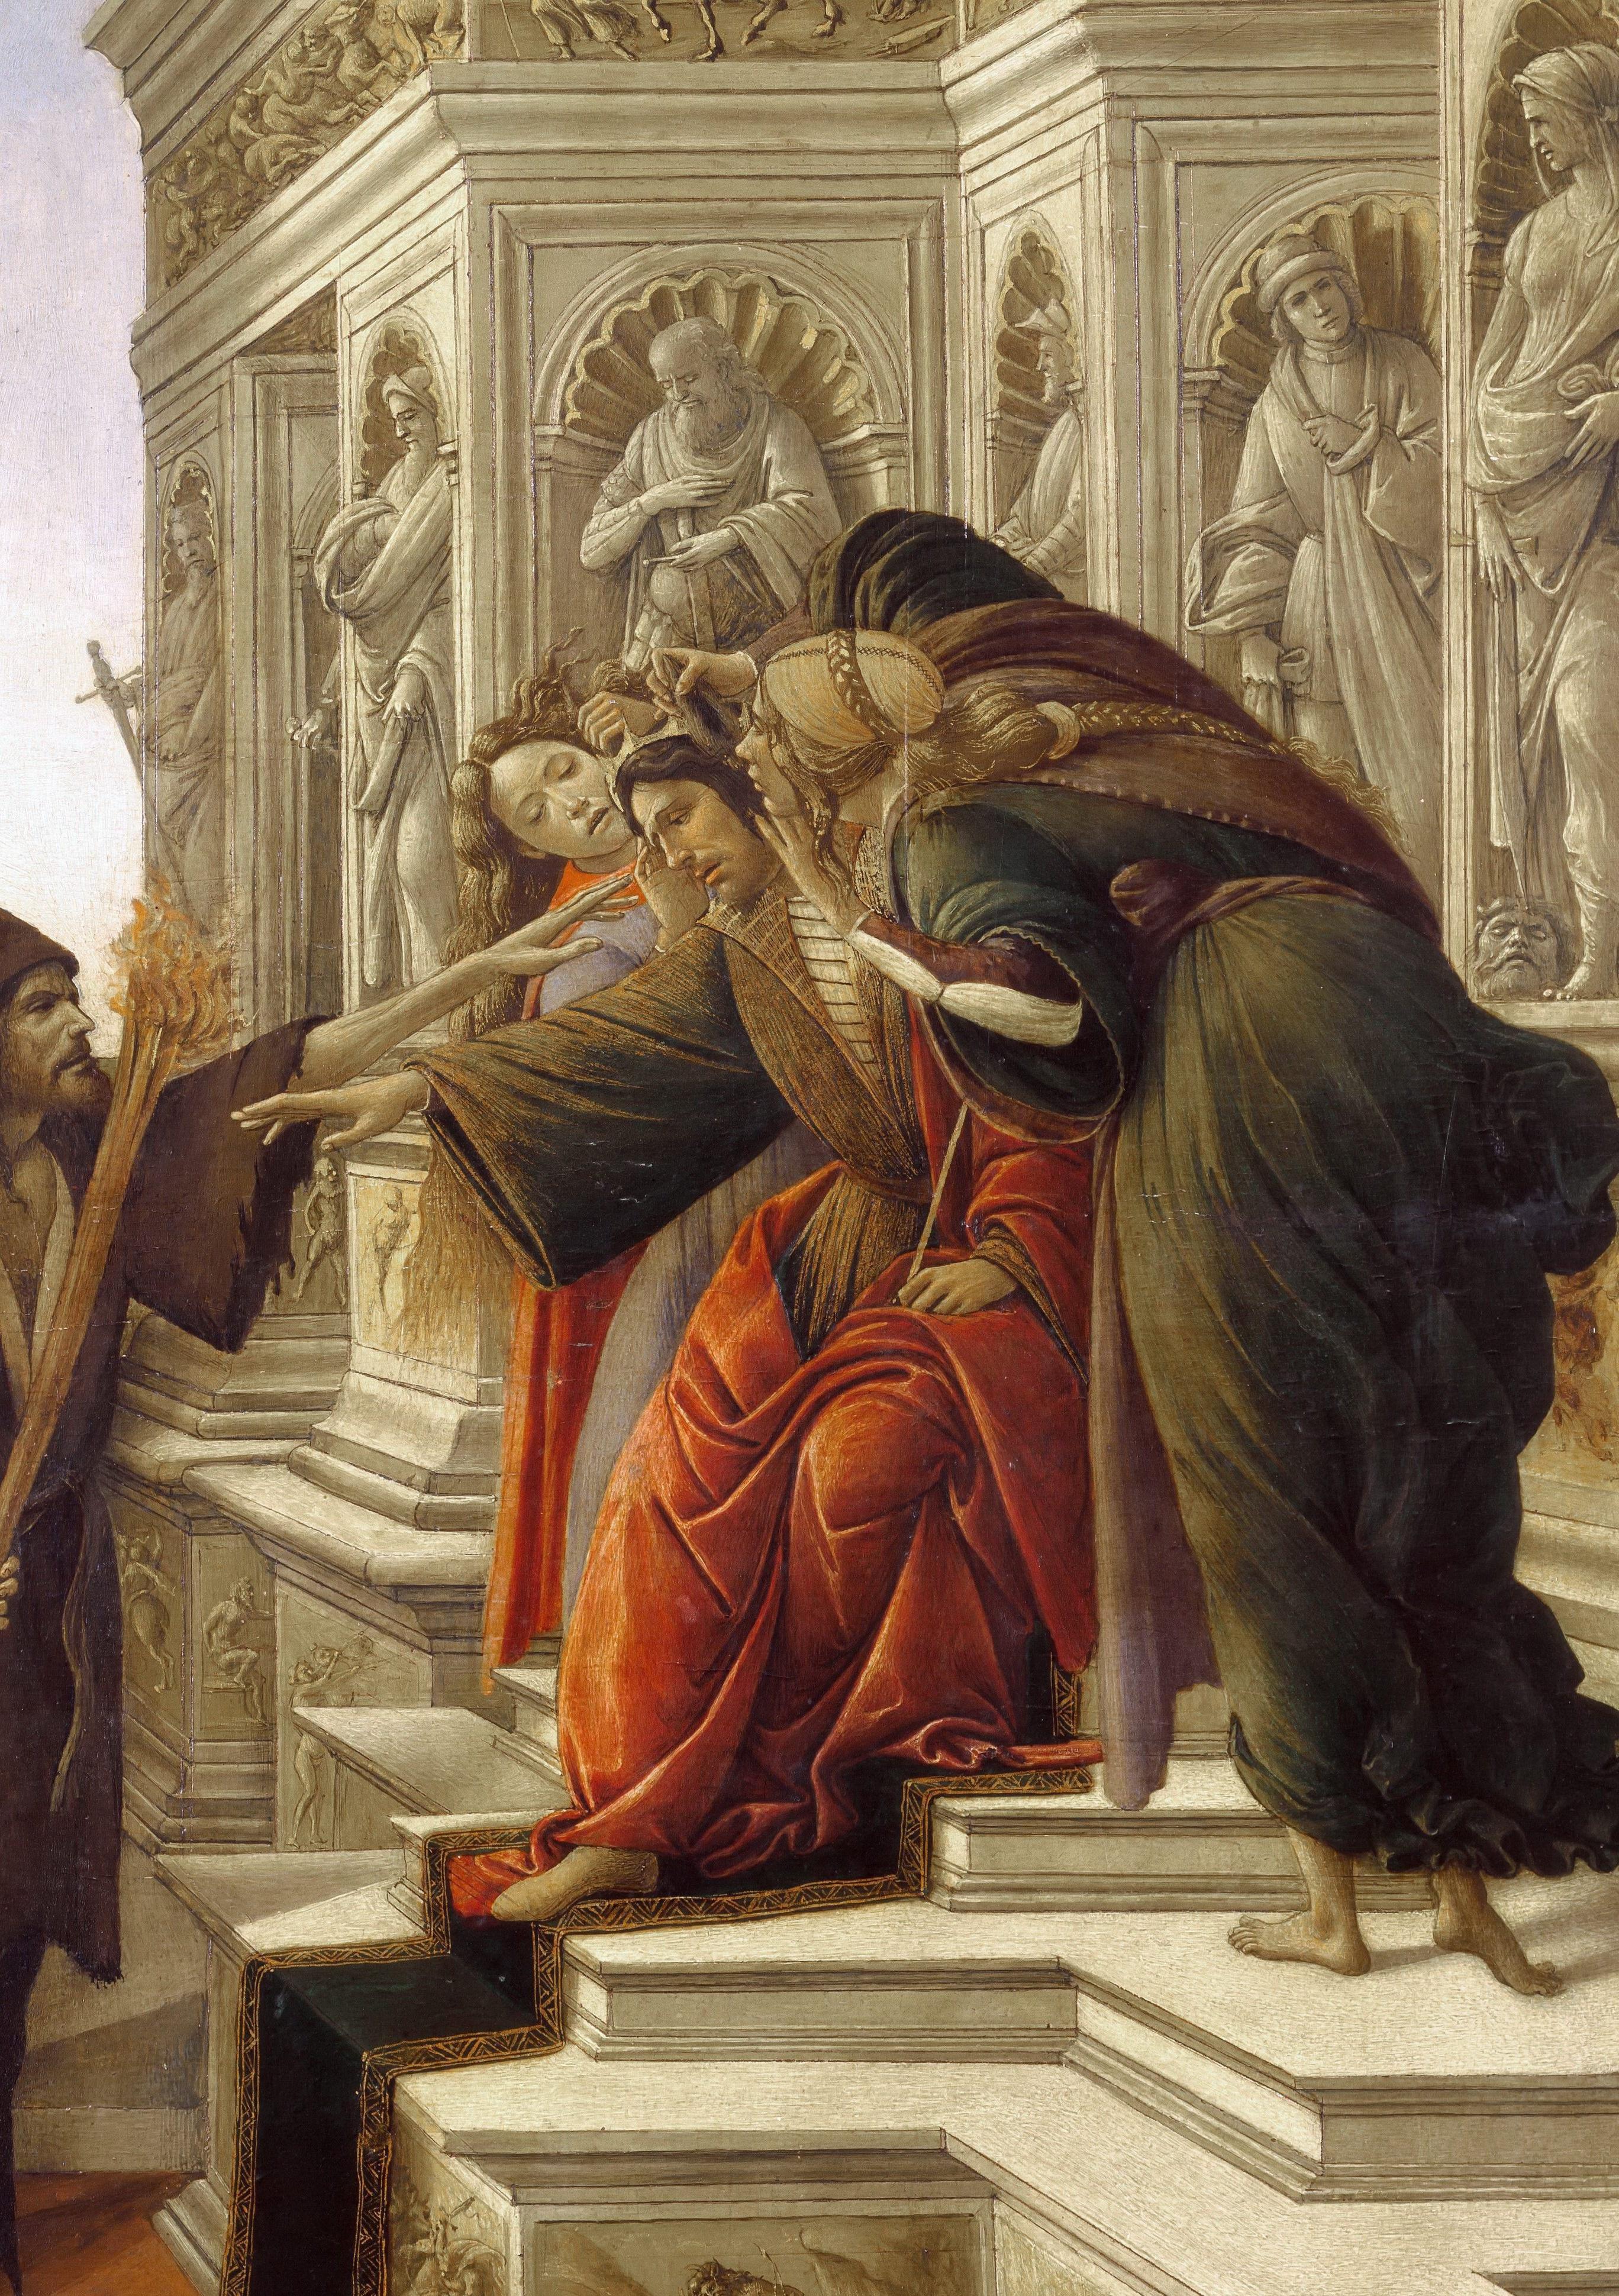 https://upload.wikimedia.org/wikipedia/commons/1/18/Sandro_Botticelli_023.jpg